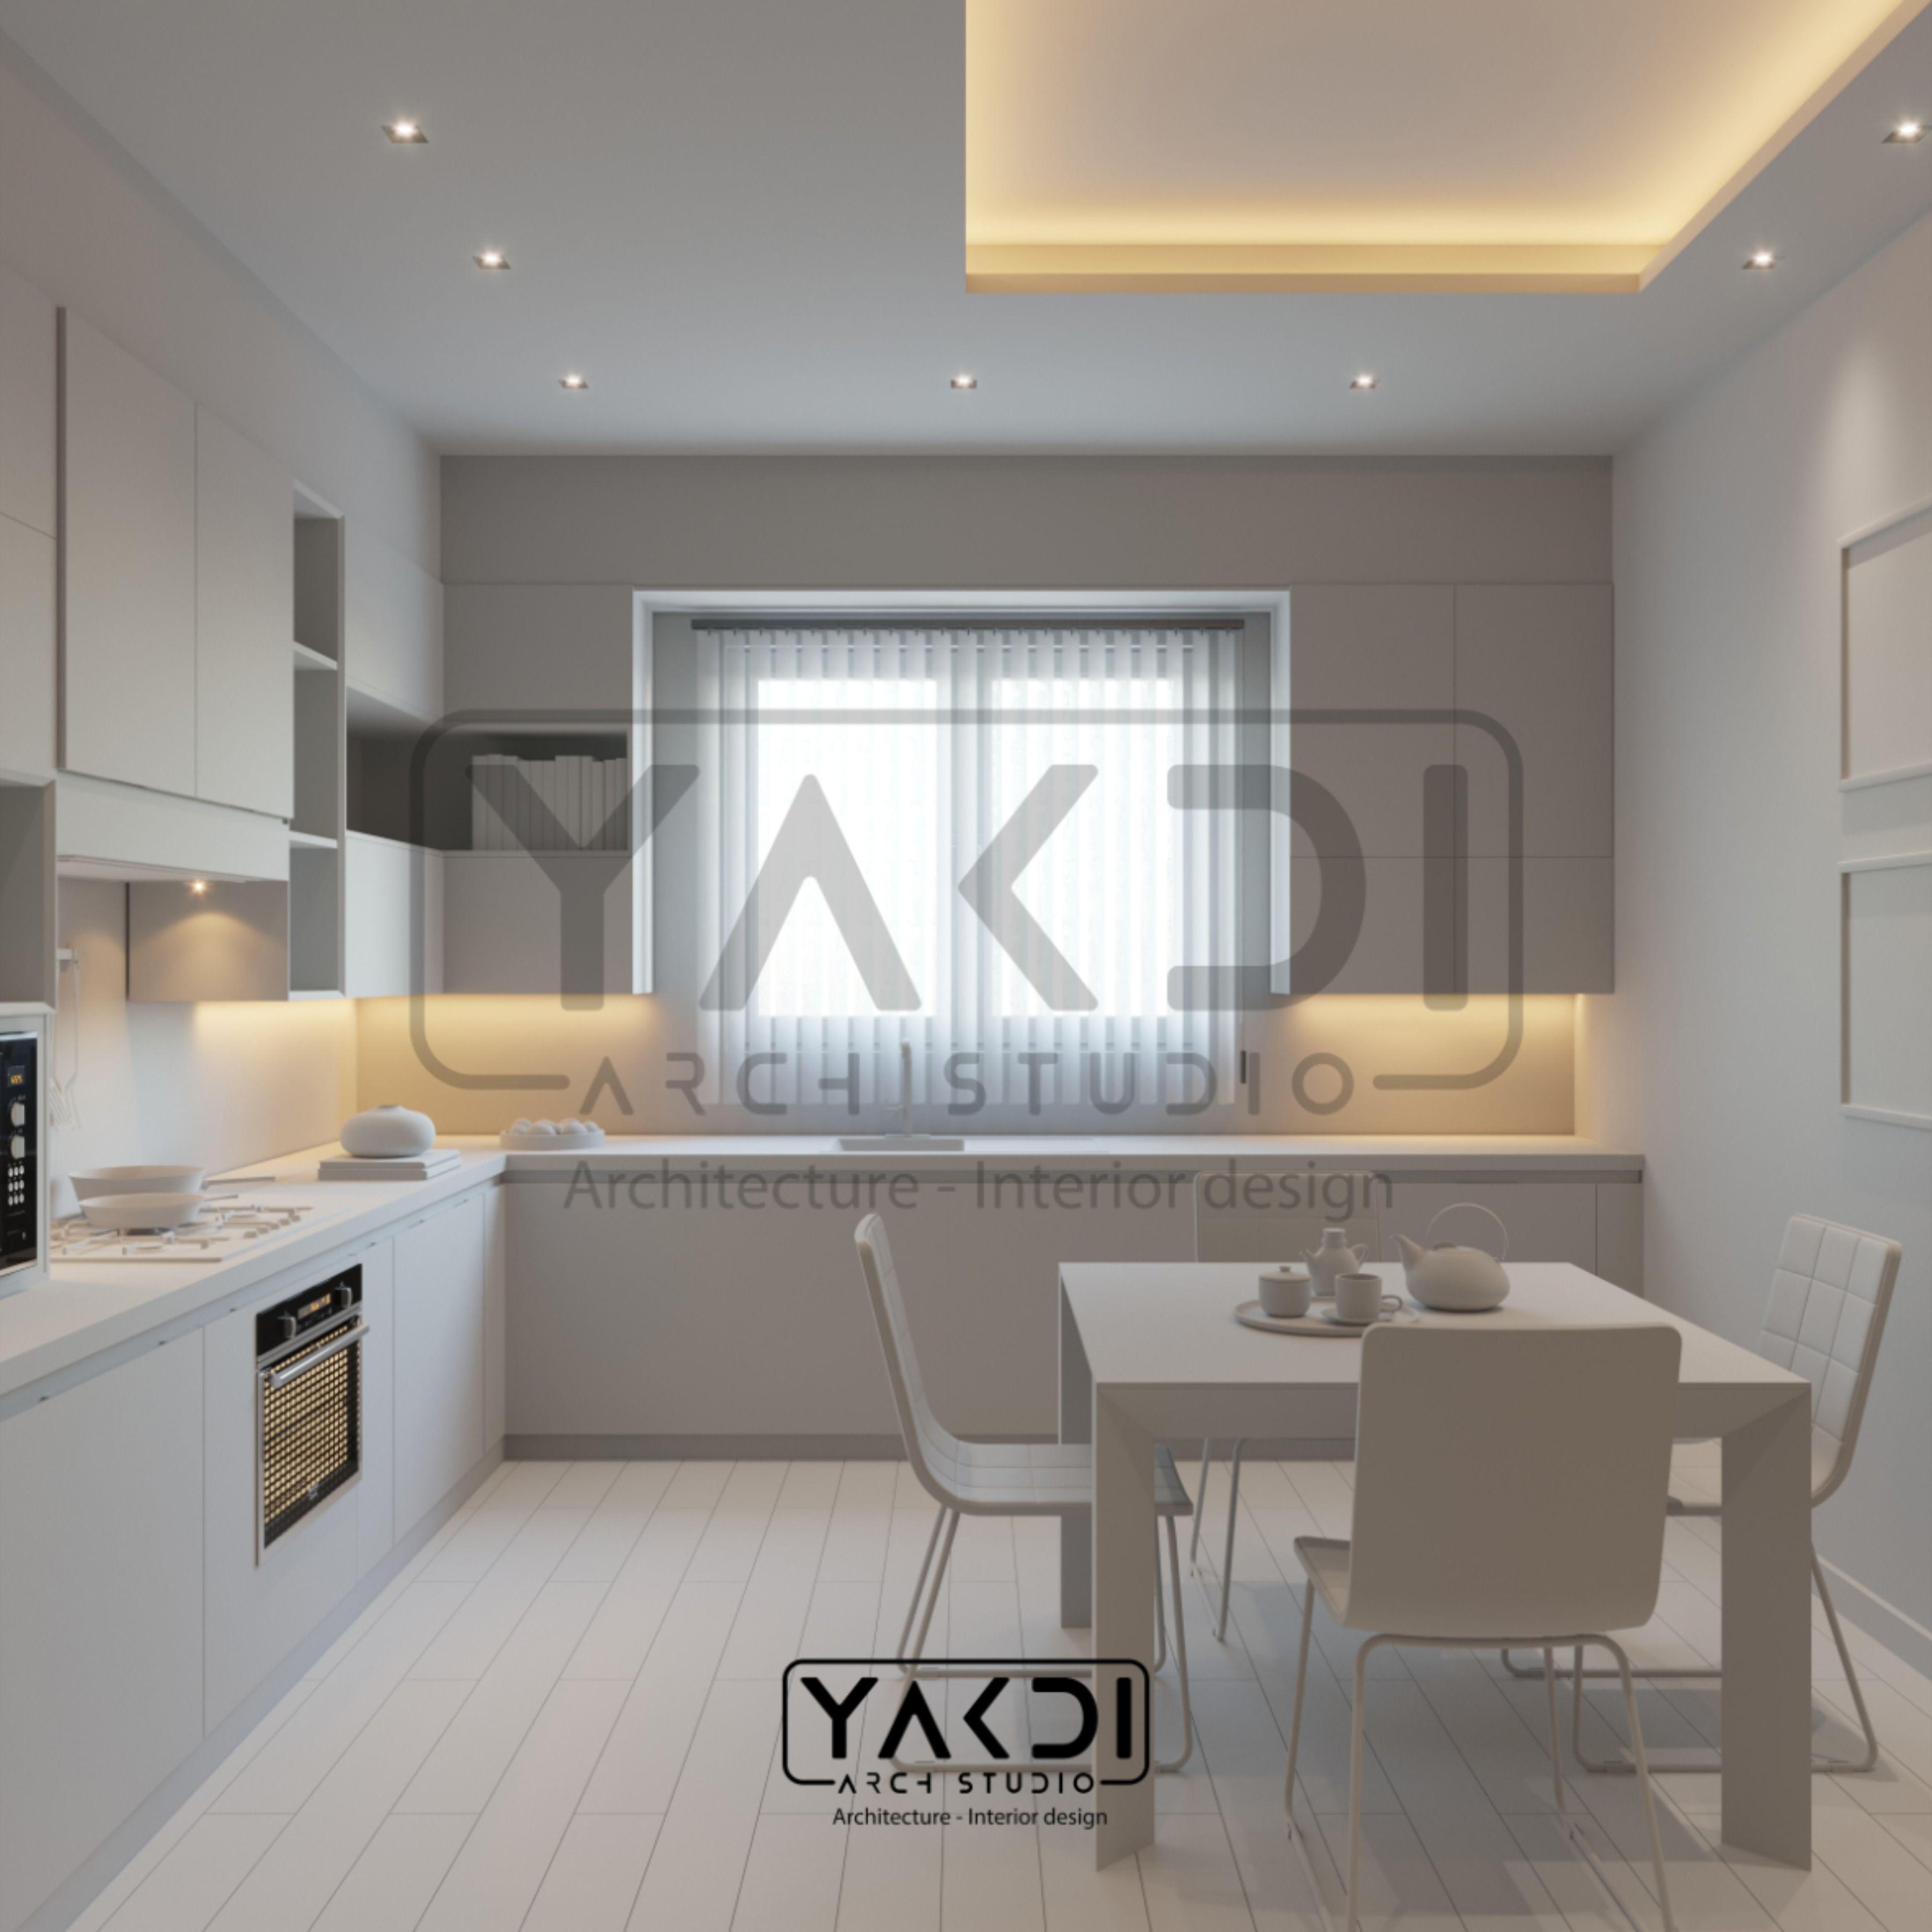 Minimalist Kitchen In 2020 Study Room Decor Interior Architecture Design Minimalist Kitchen